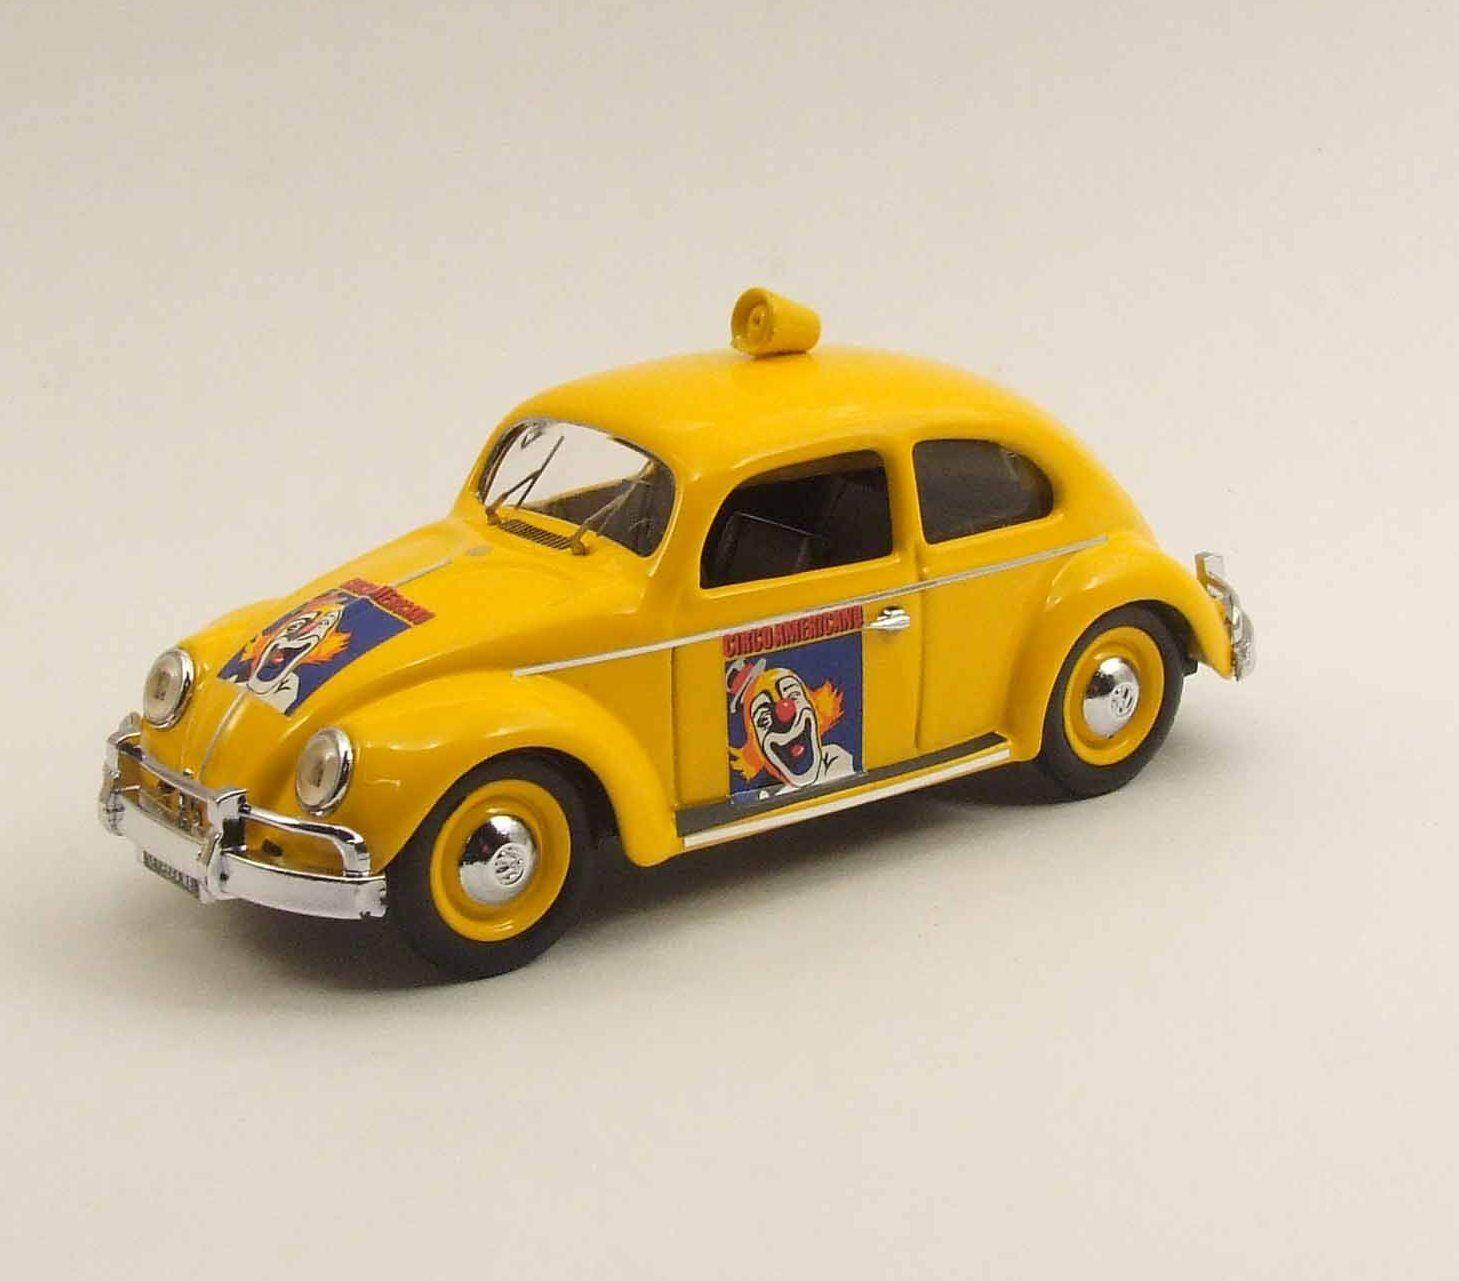 Volkswagen Maggiolino Circo Americano 1954 Rio 1 43 Rio4380  Modellino Diecast  grand choix